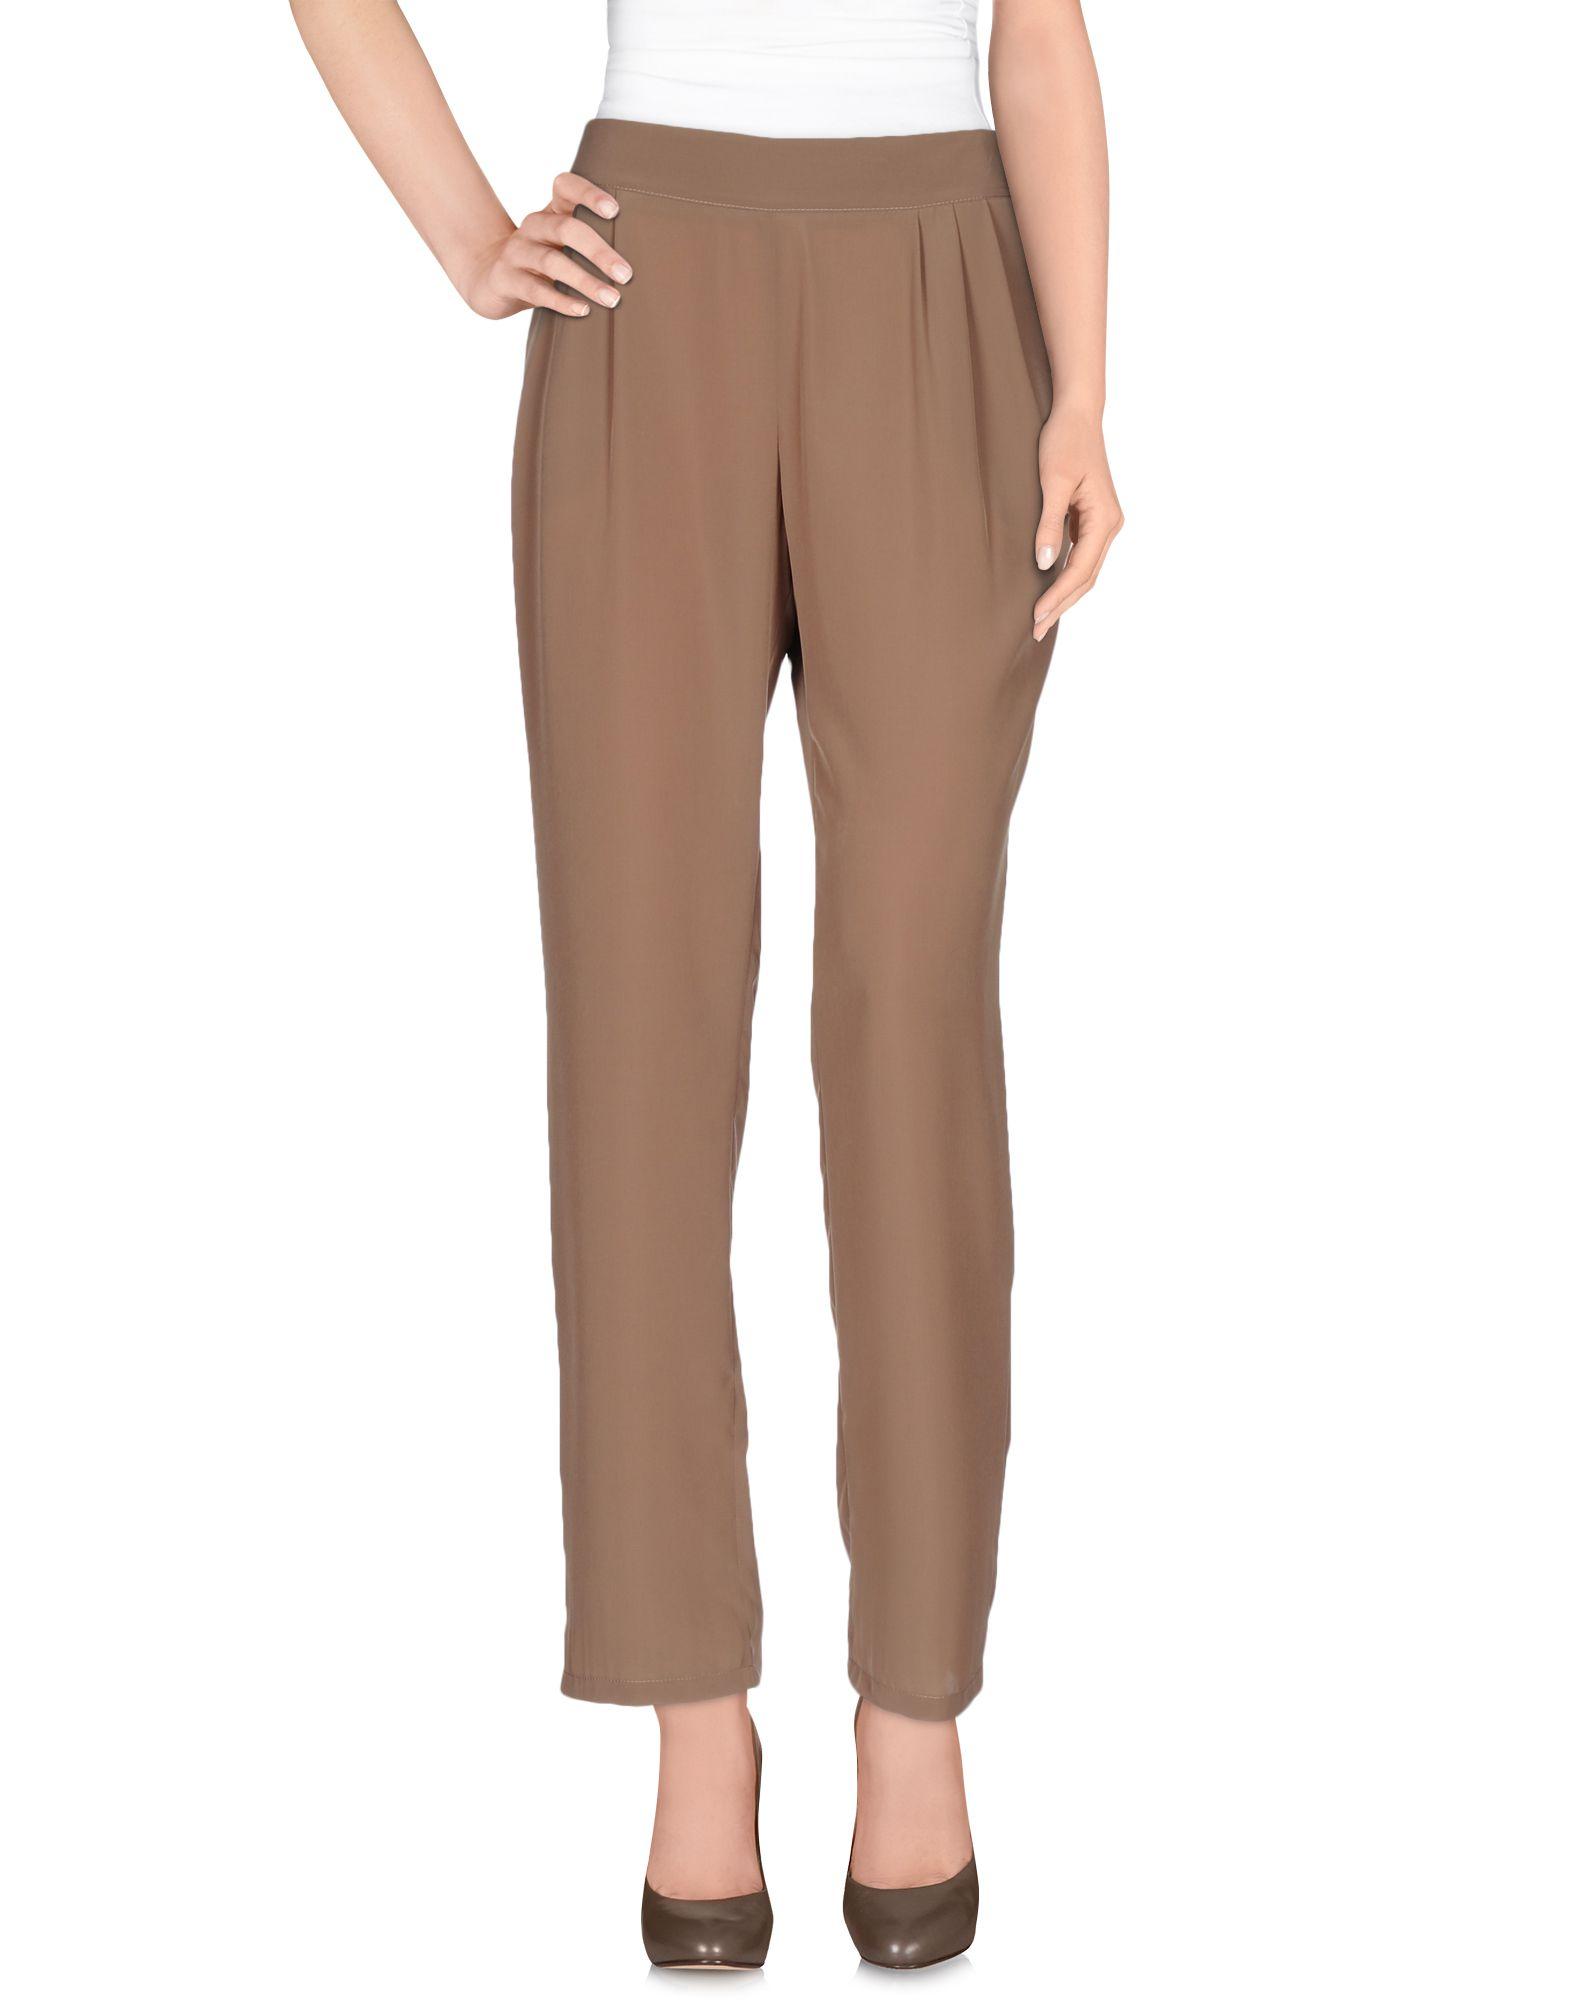 BLEU BLANC ROUGE Повседневные брюки poivre blanc брюки мембранные w16 0922 jrby на лямках черный